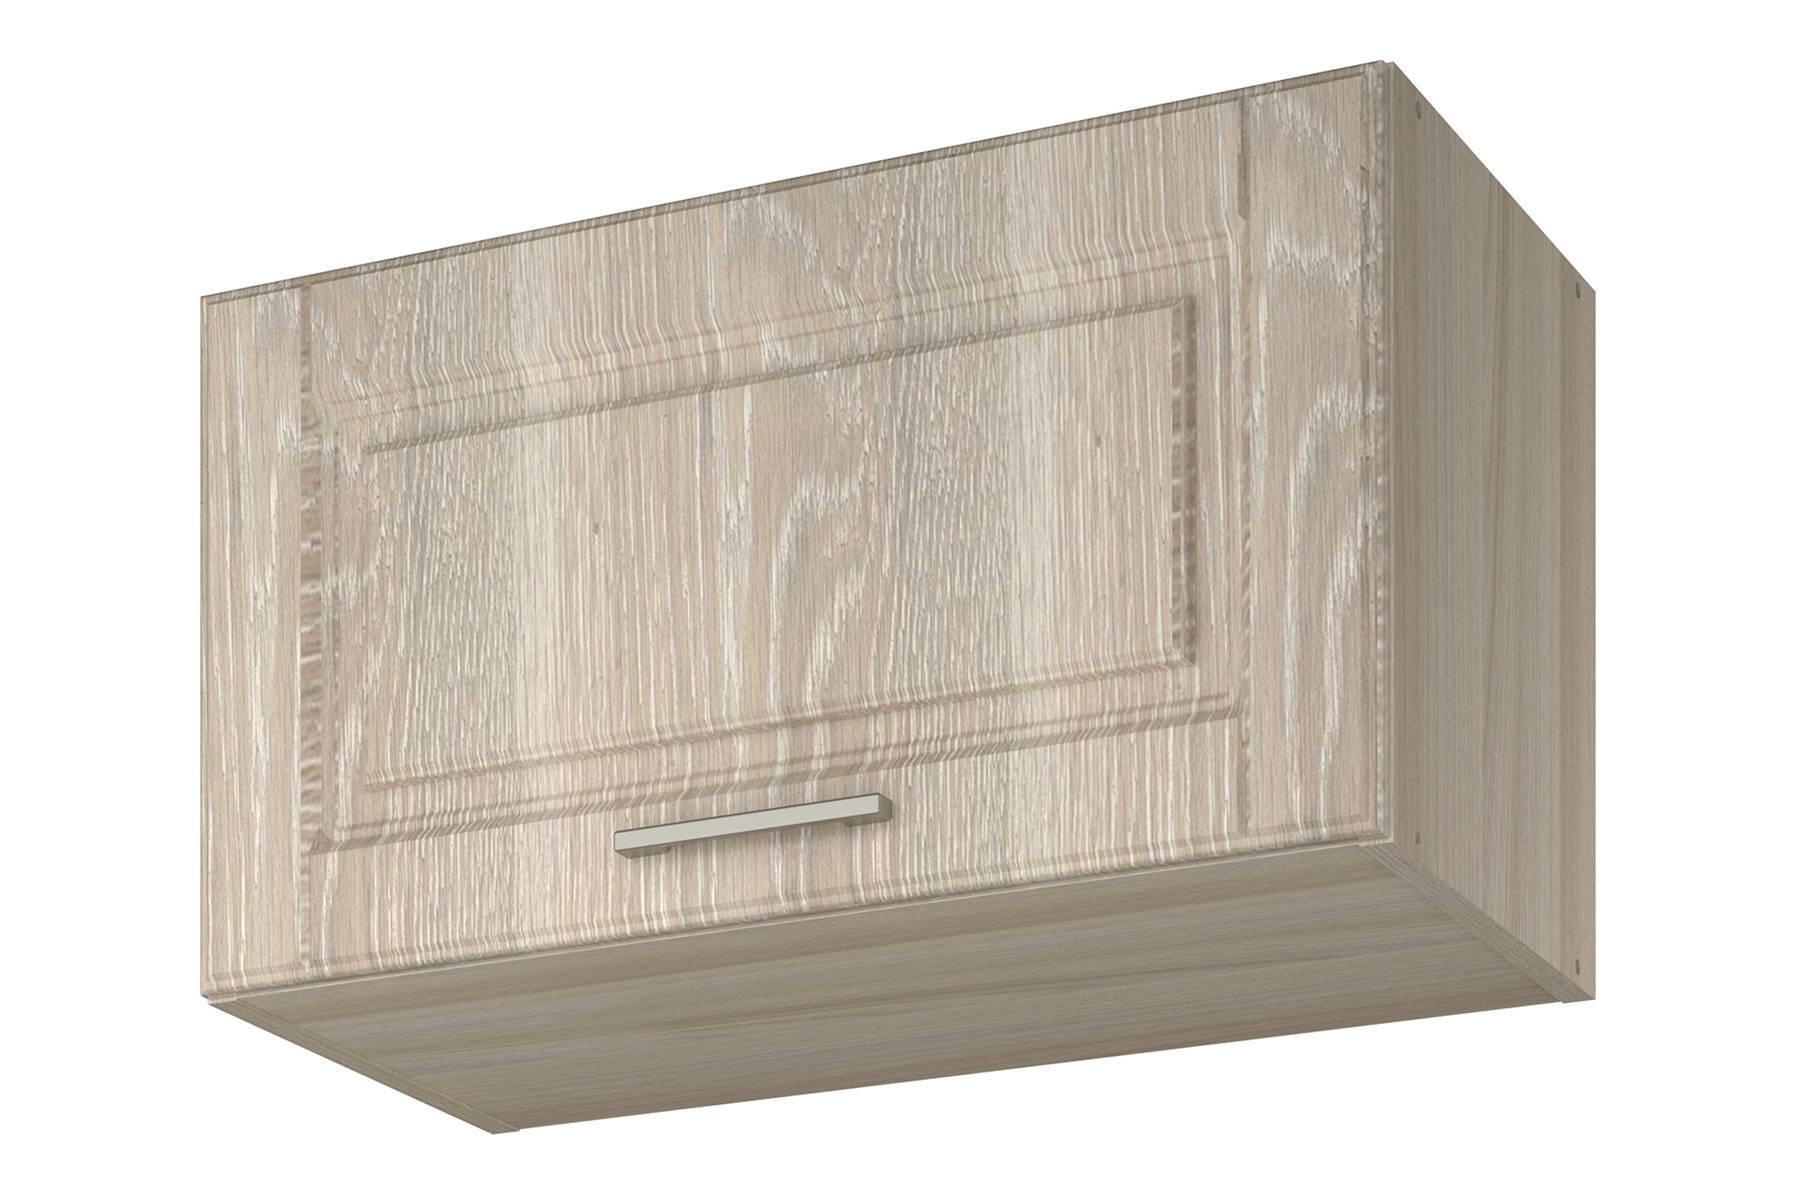 Шкаф навесной для вытяжки Alta СТЛ.286.04 шкаф навесной для вытяжки lima стл 308 04